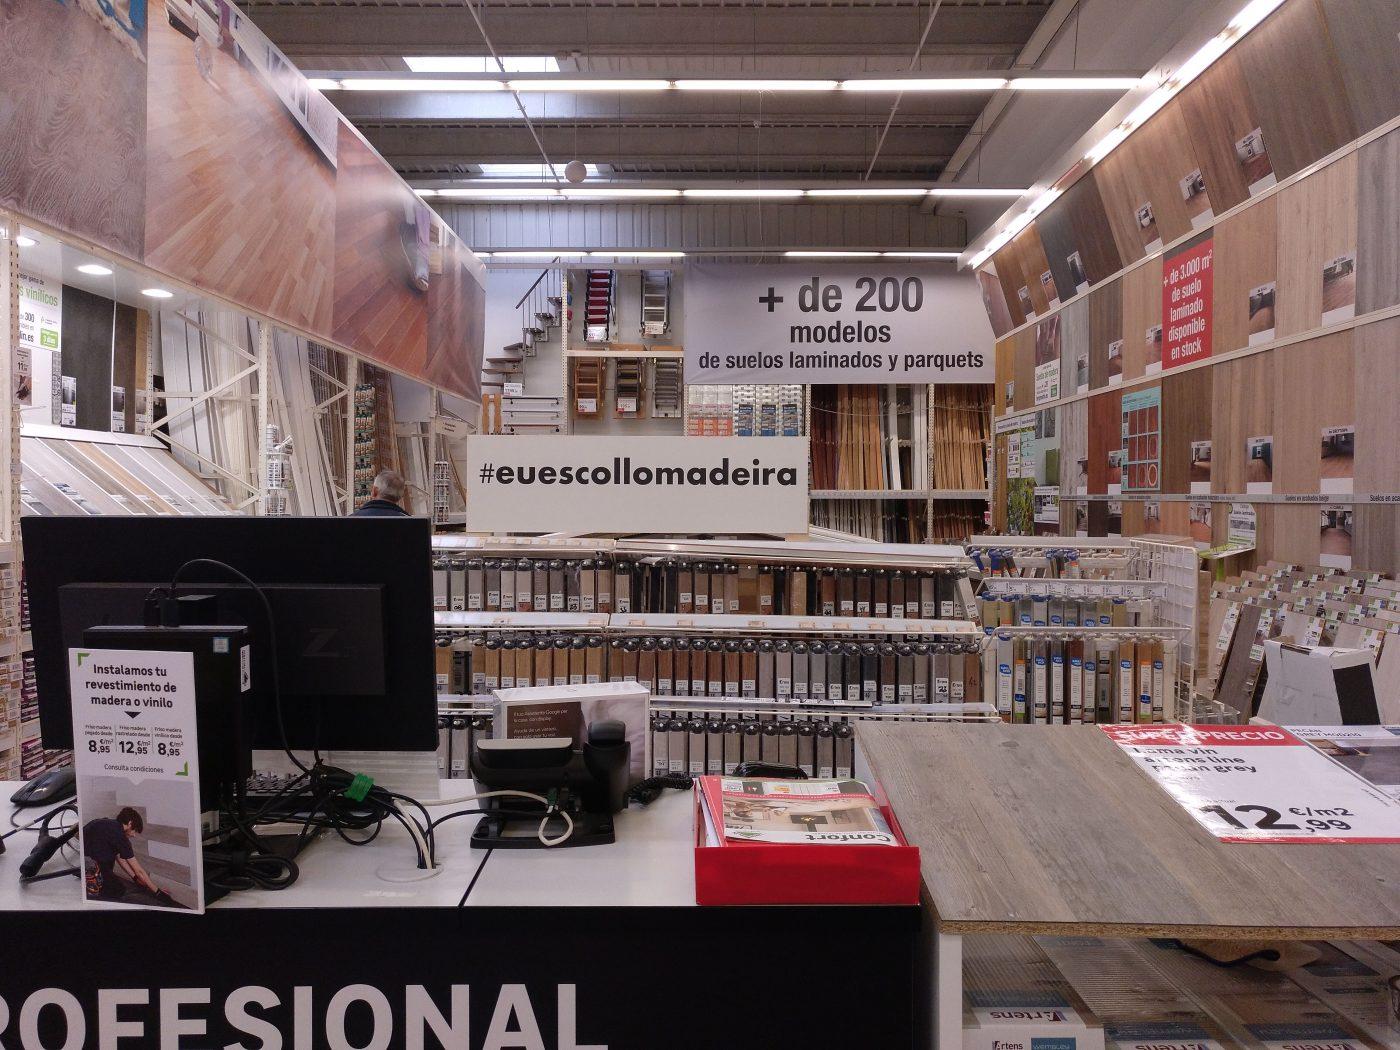 Campaña de sensibilización del uso de la madera en la vida cotidiana